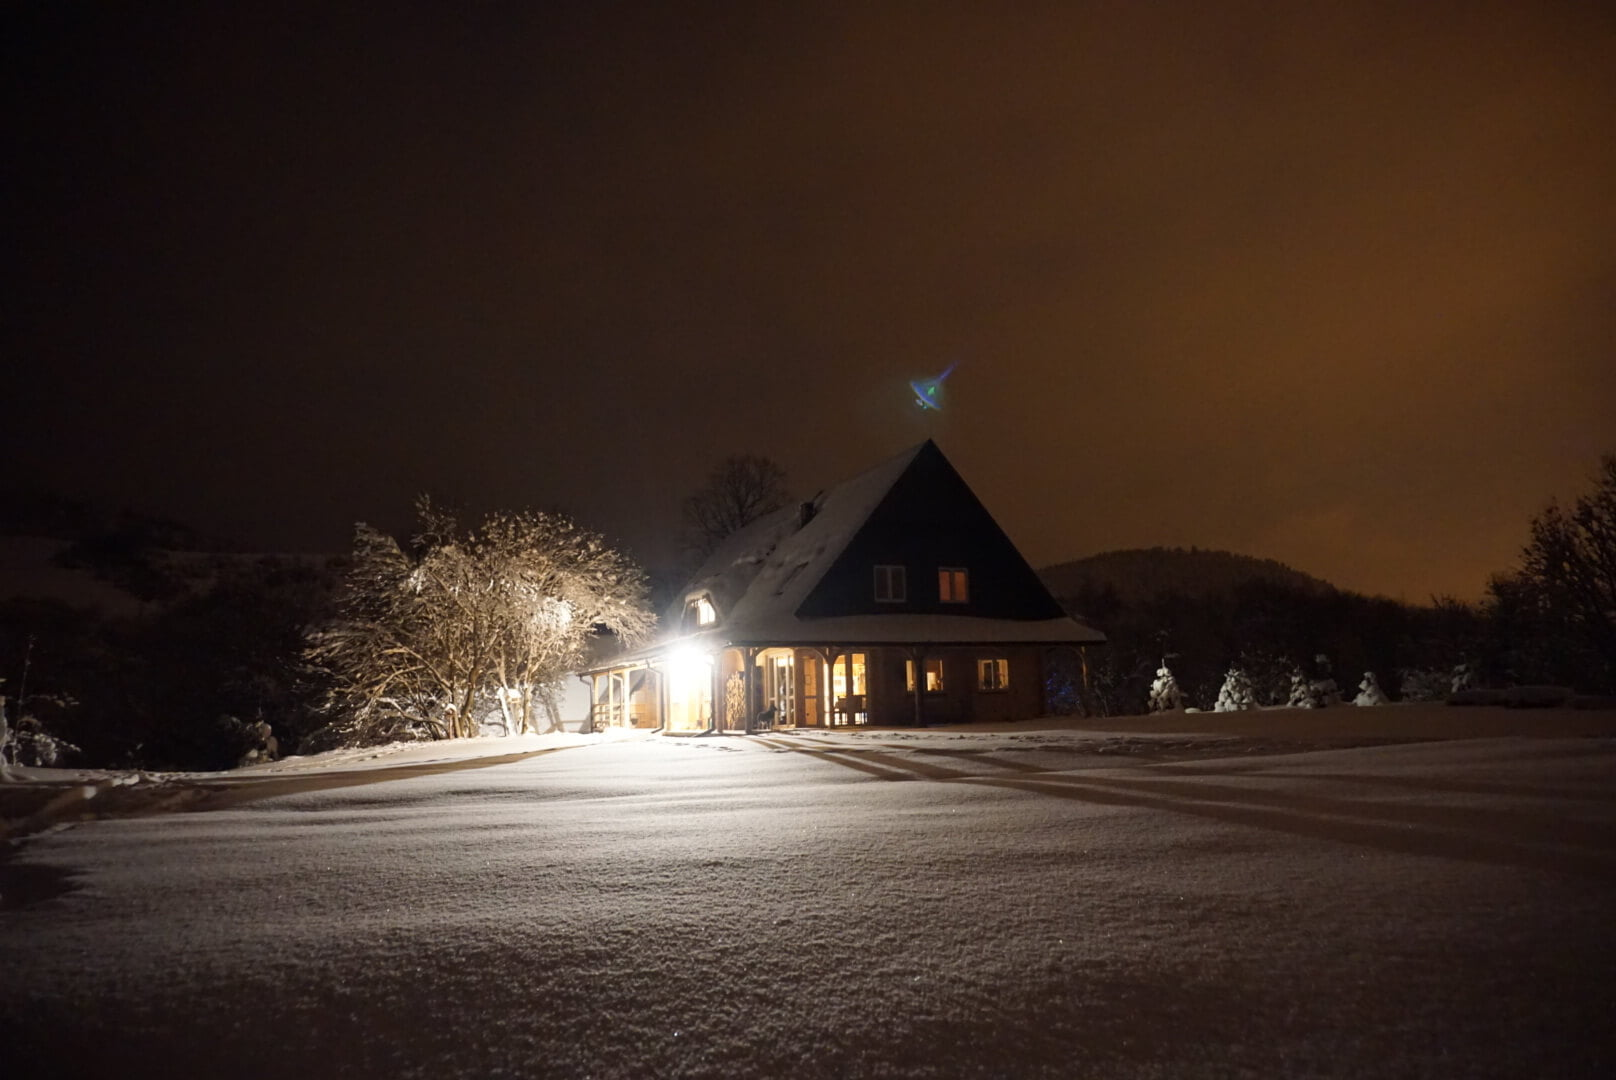 Nocne, zimowe niebo w fotografii Adama 2